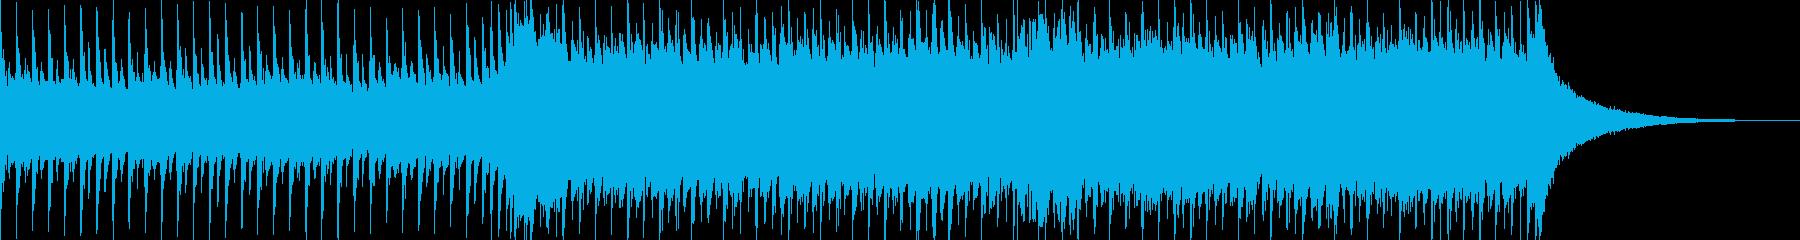 企業VP系34、爽やかギター4つ打ち11の再生済みの波形